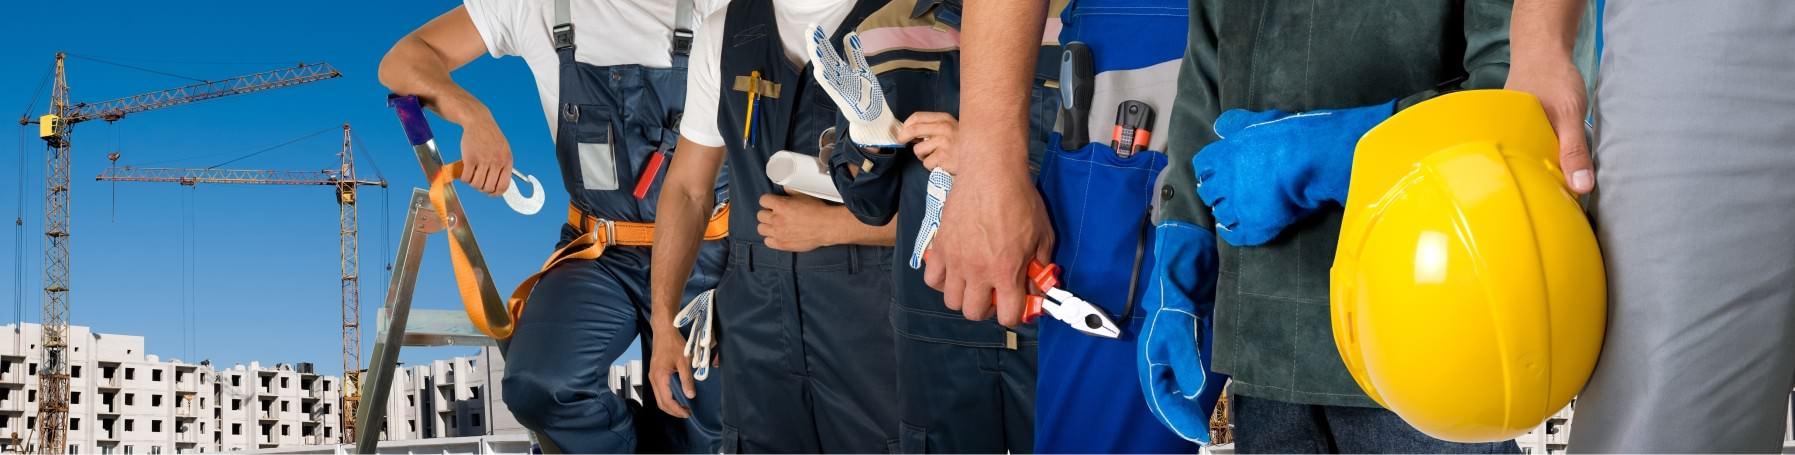 seguridad personas trabajo